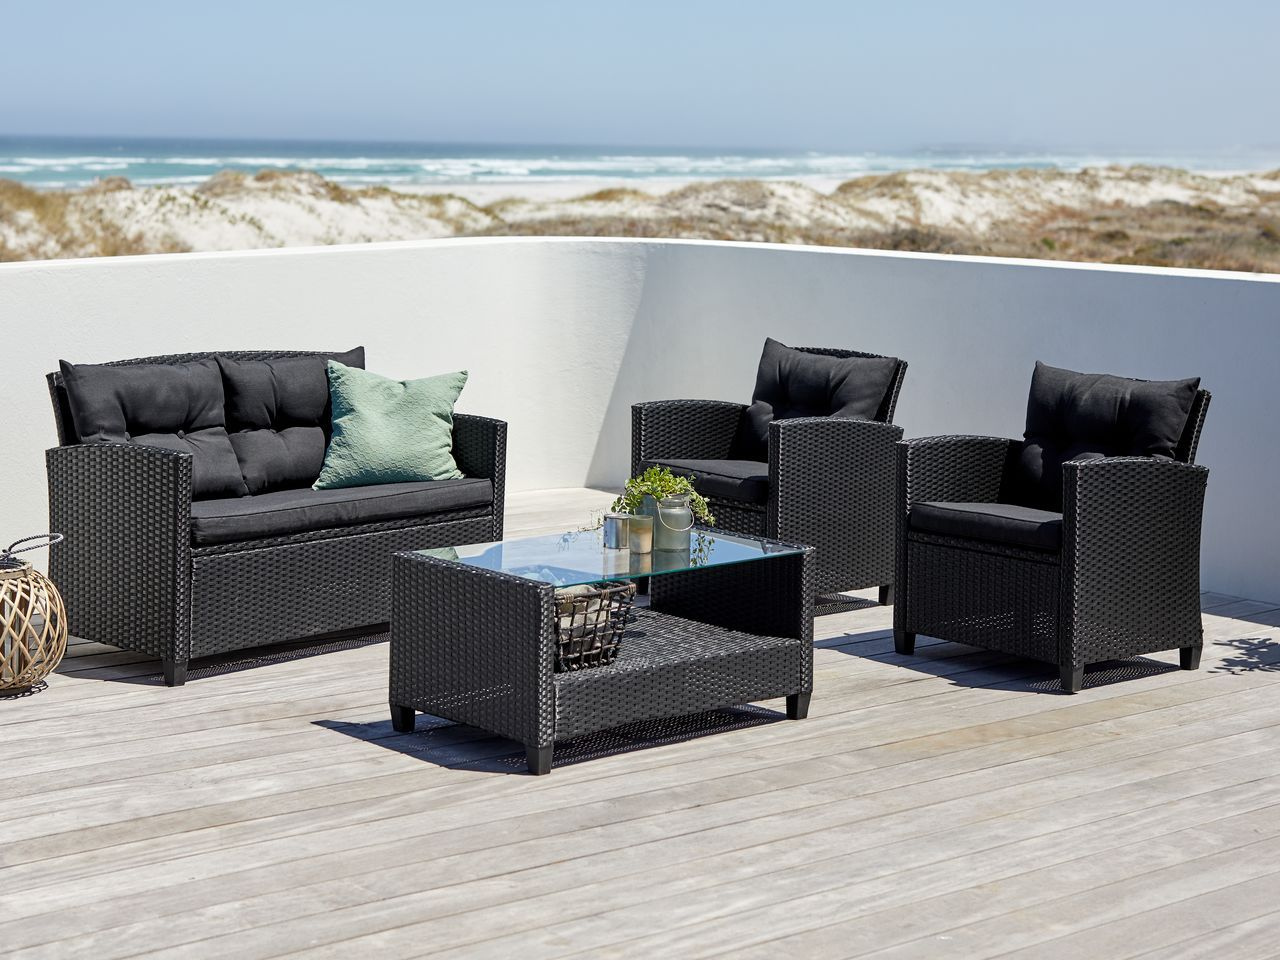 Lounge Set Mora 4 Pers Schwarz Jysk In 2021 Kleine Gartenmobel Aussenmobel Lounge